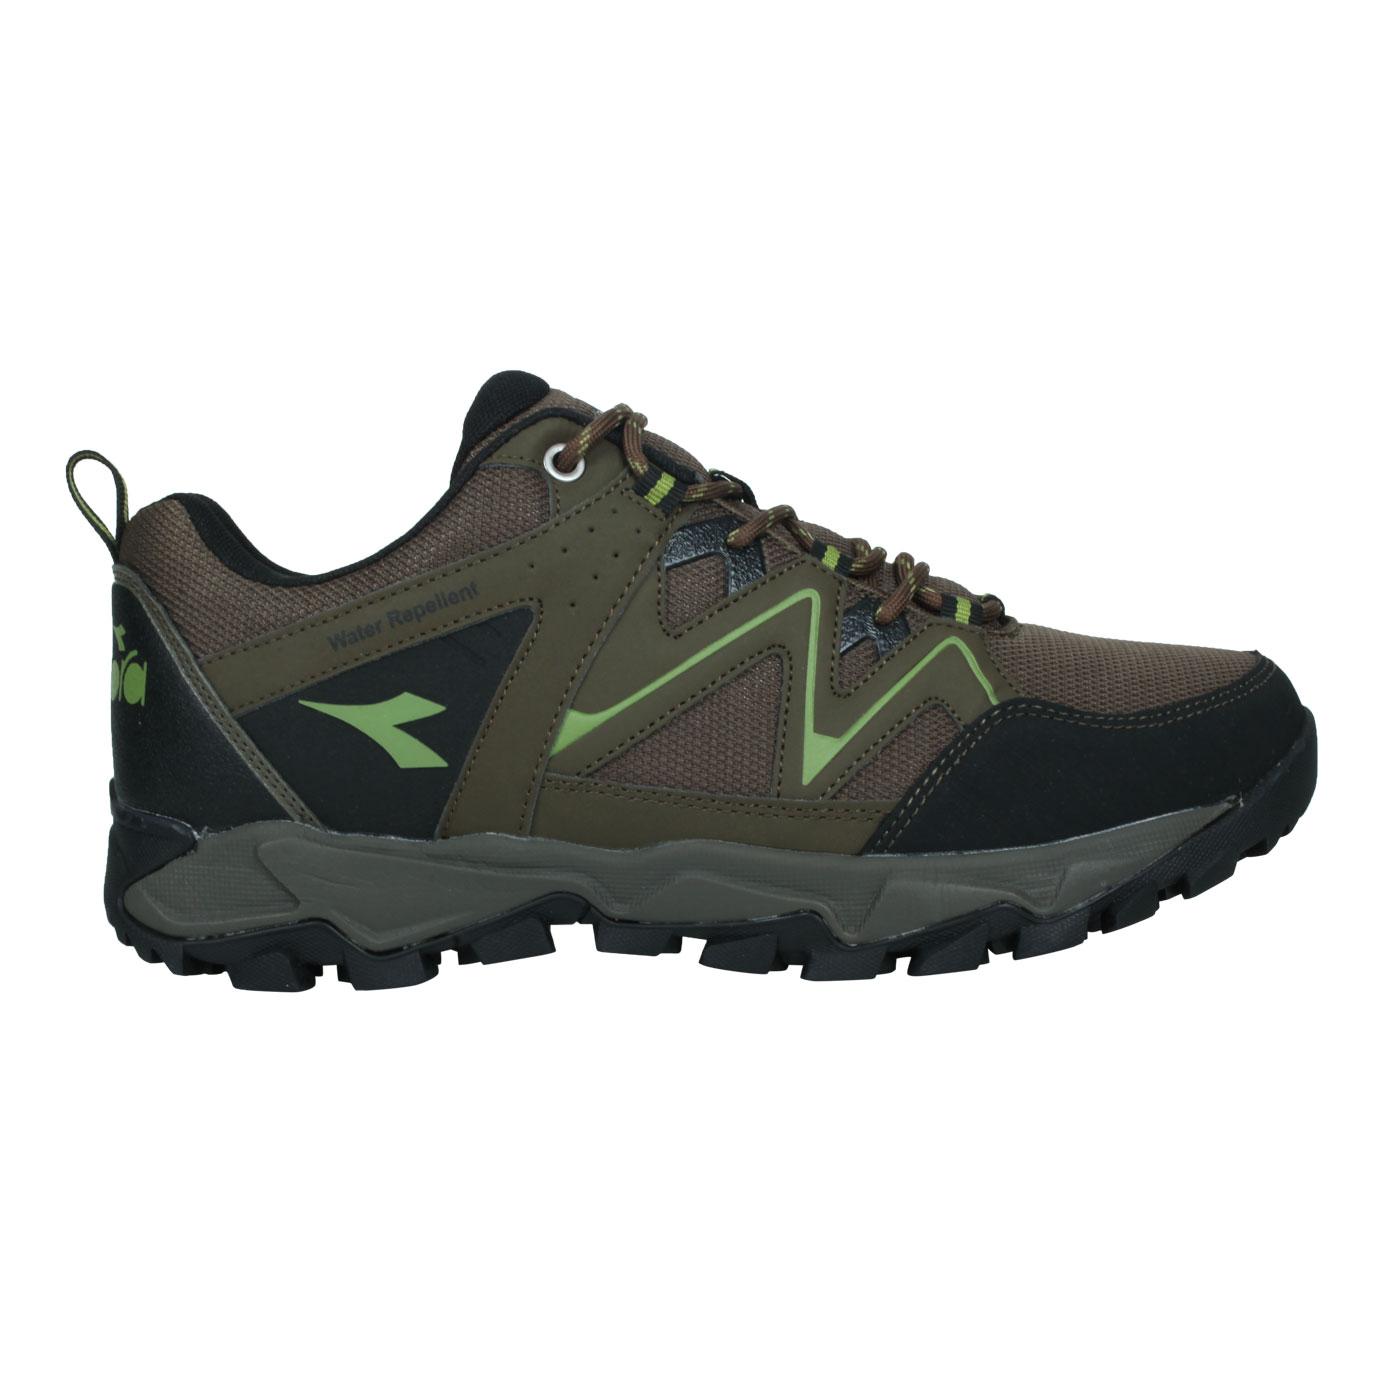 DIADORA 男款戶外野趣登山鞋 DA71190 - 棕黑綠